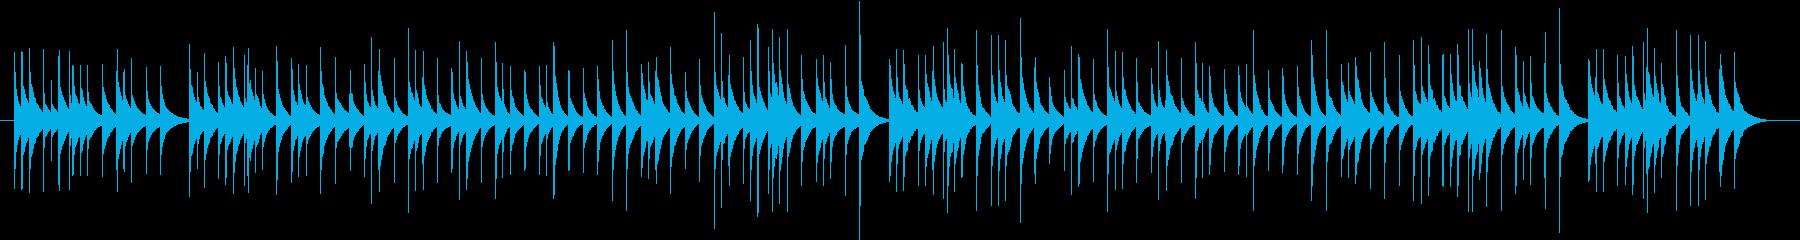 組曲「惑星」より「ジュピター」オルゴールの再生済みの波形